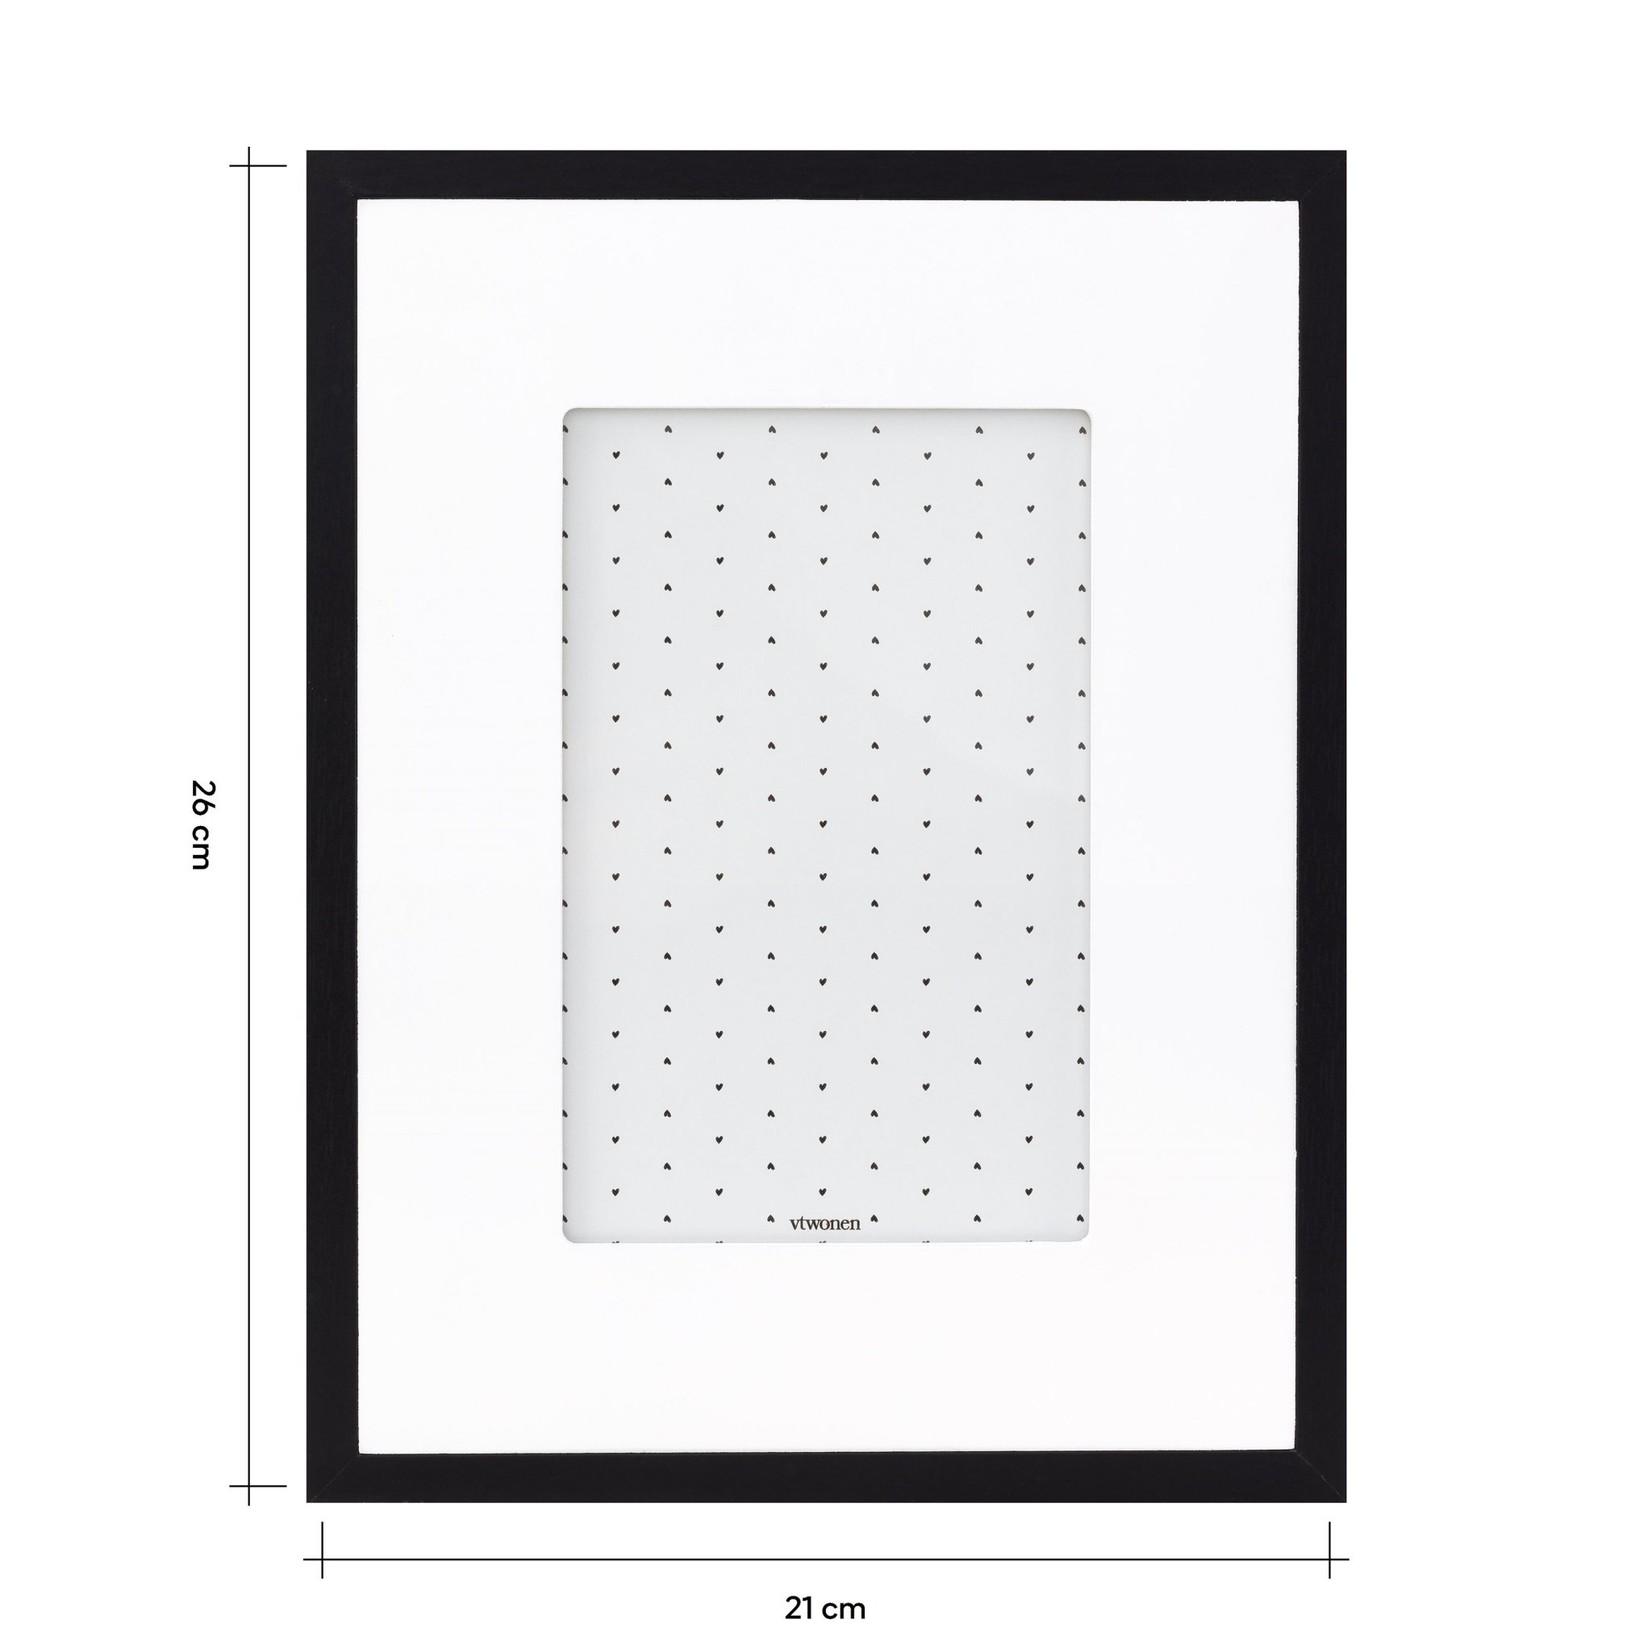 vtwonen Vtwonen Photo Frame with Passe Partout Black 21x26x3cm